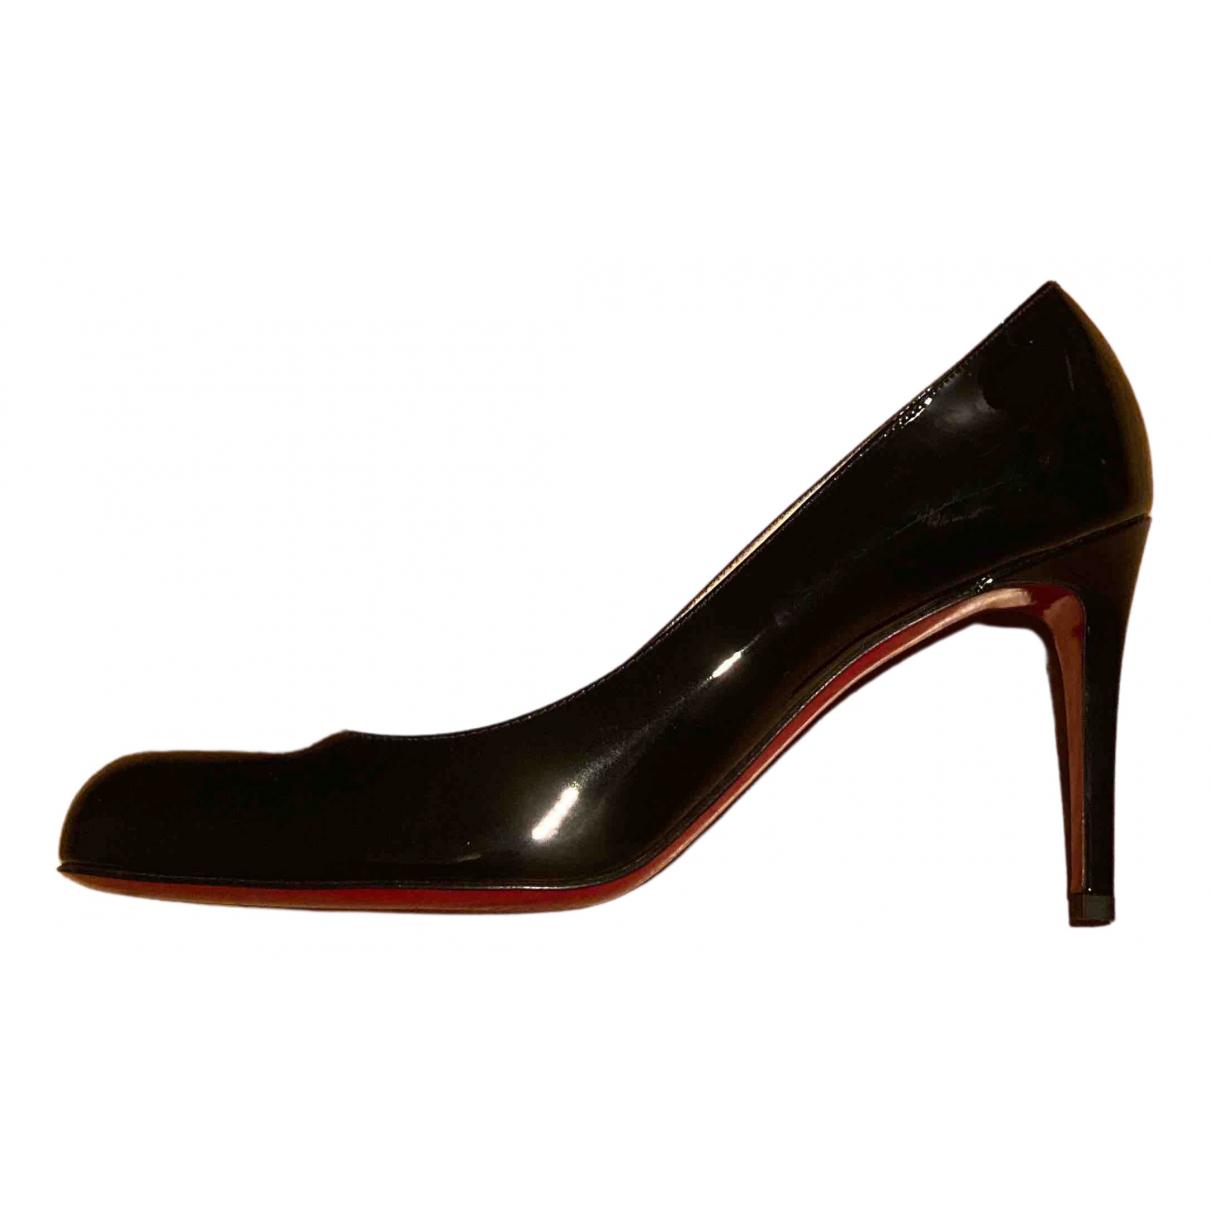 Christian Louboutin - Escarpins Simple pump pour femme en cuir verni - noir